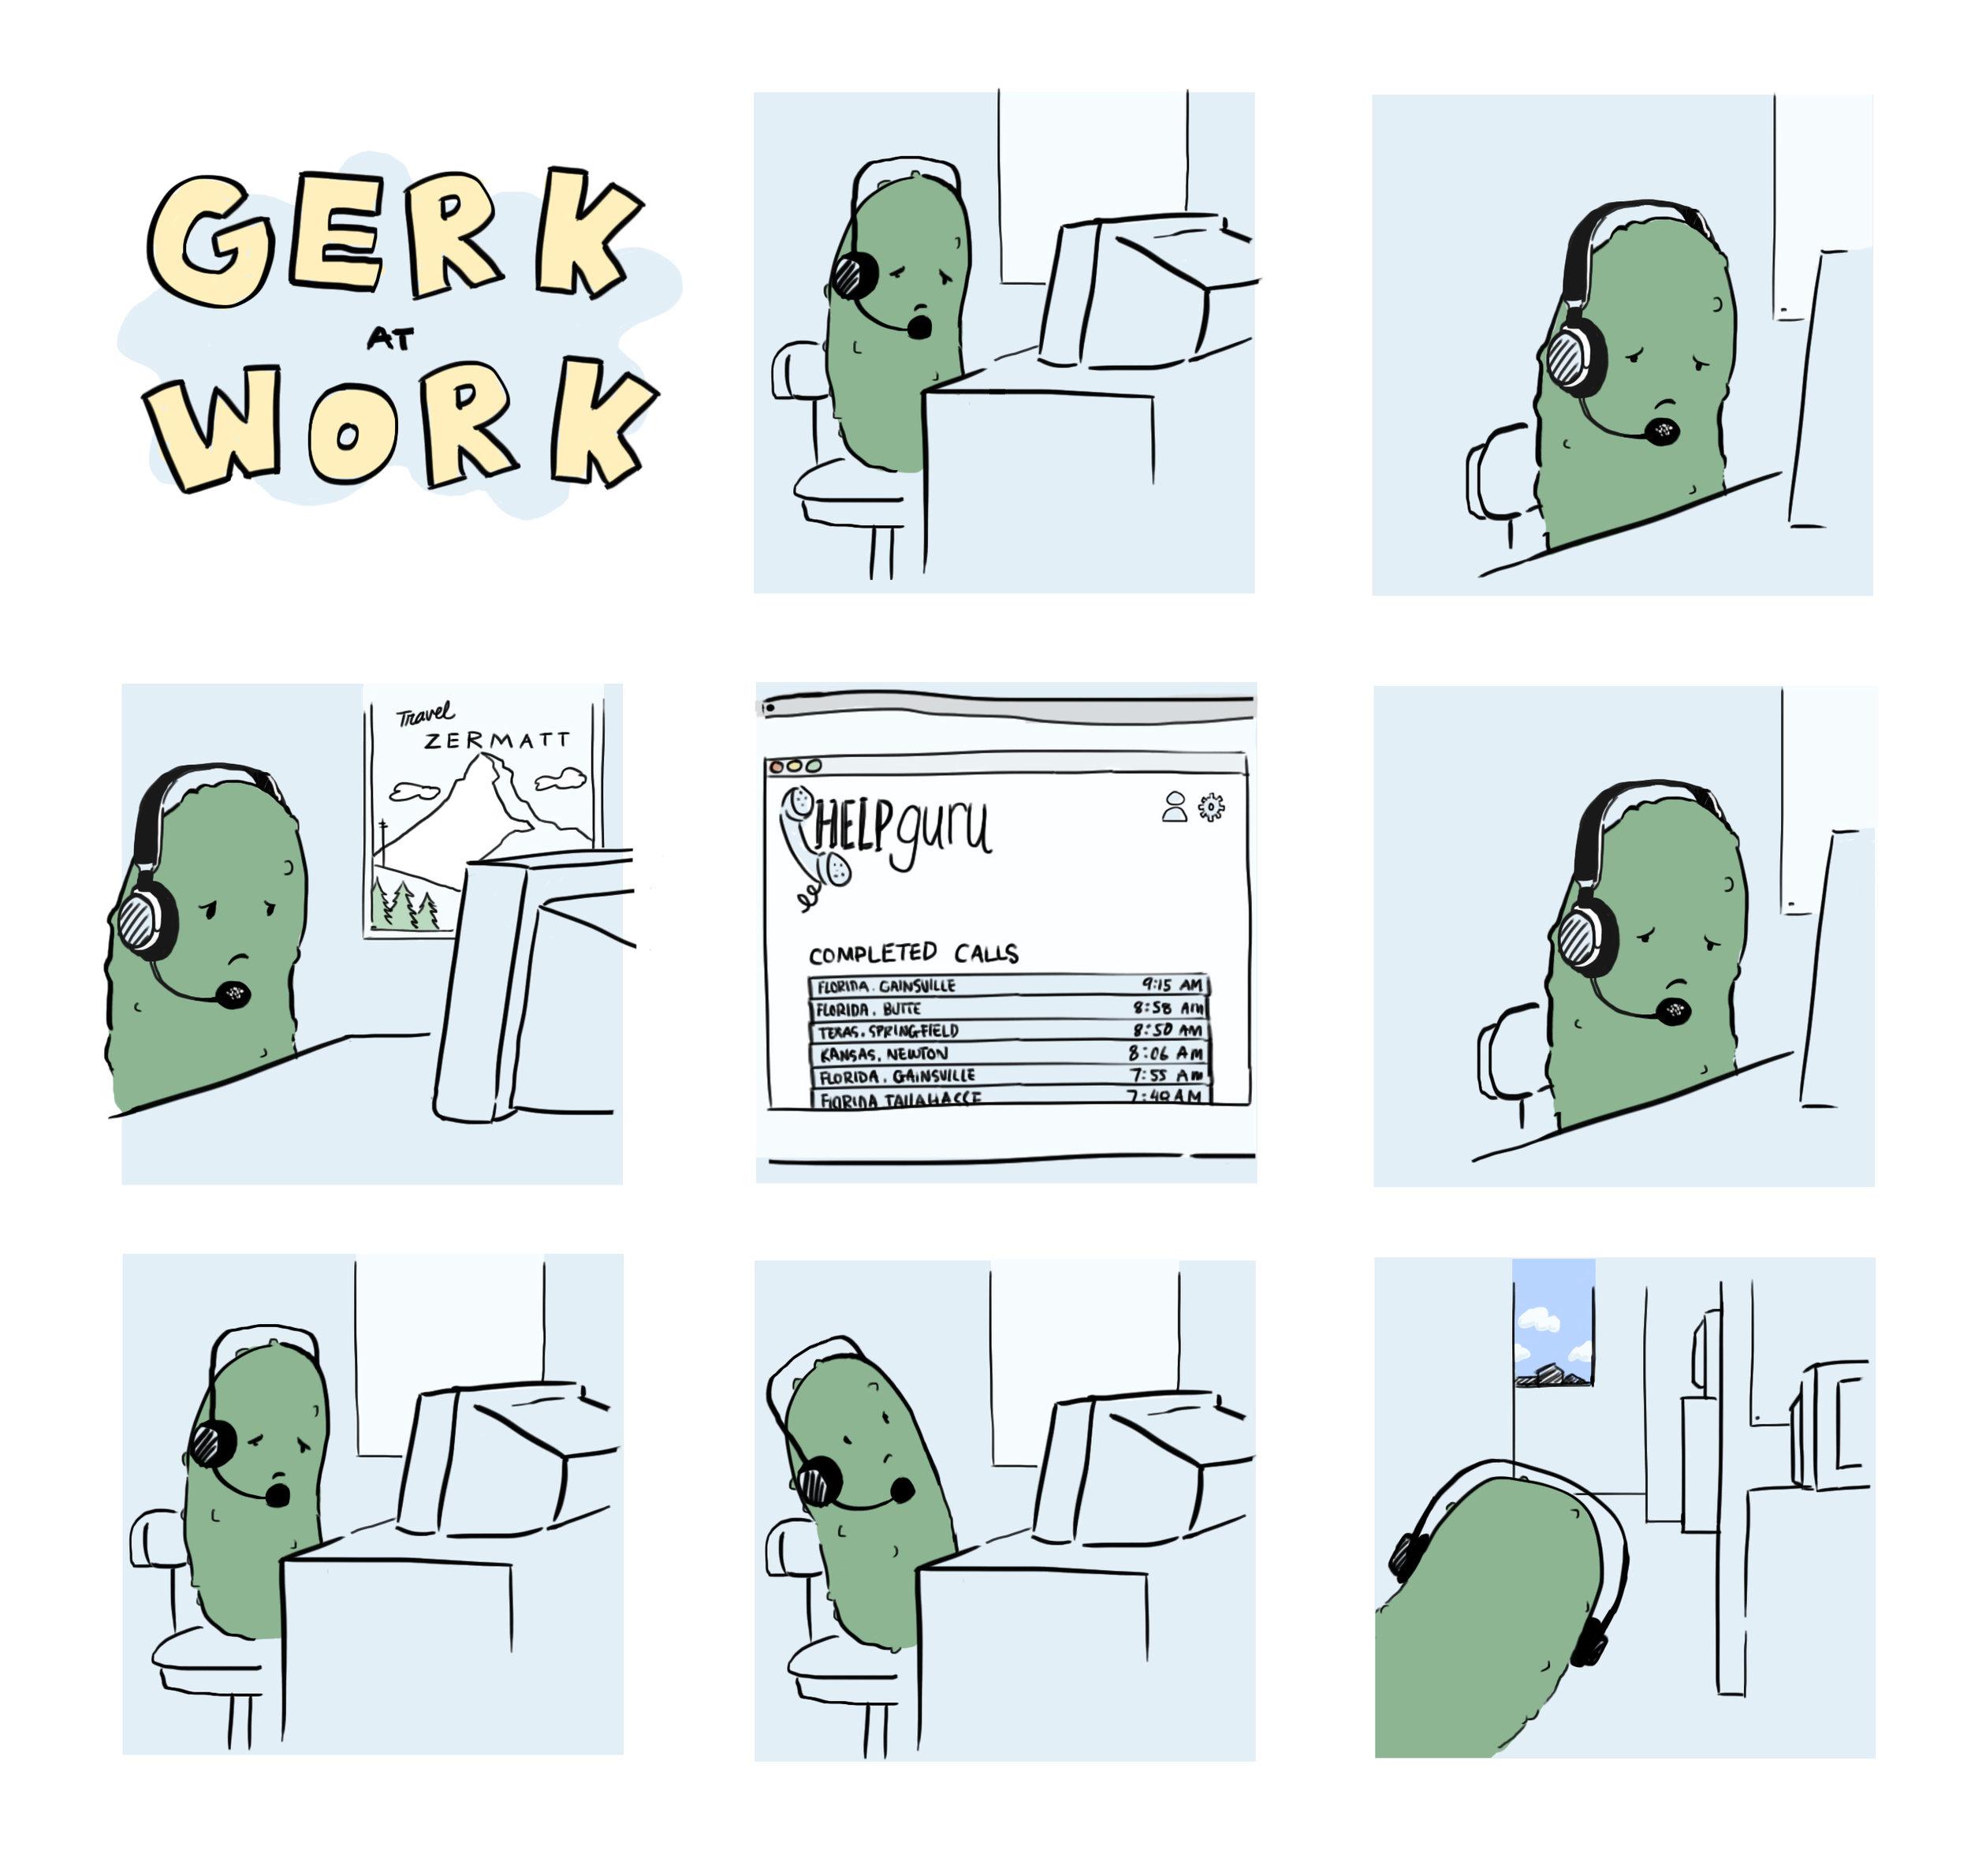 gerkatwork1.jpg